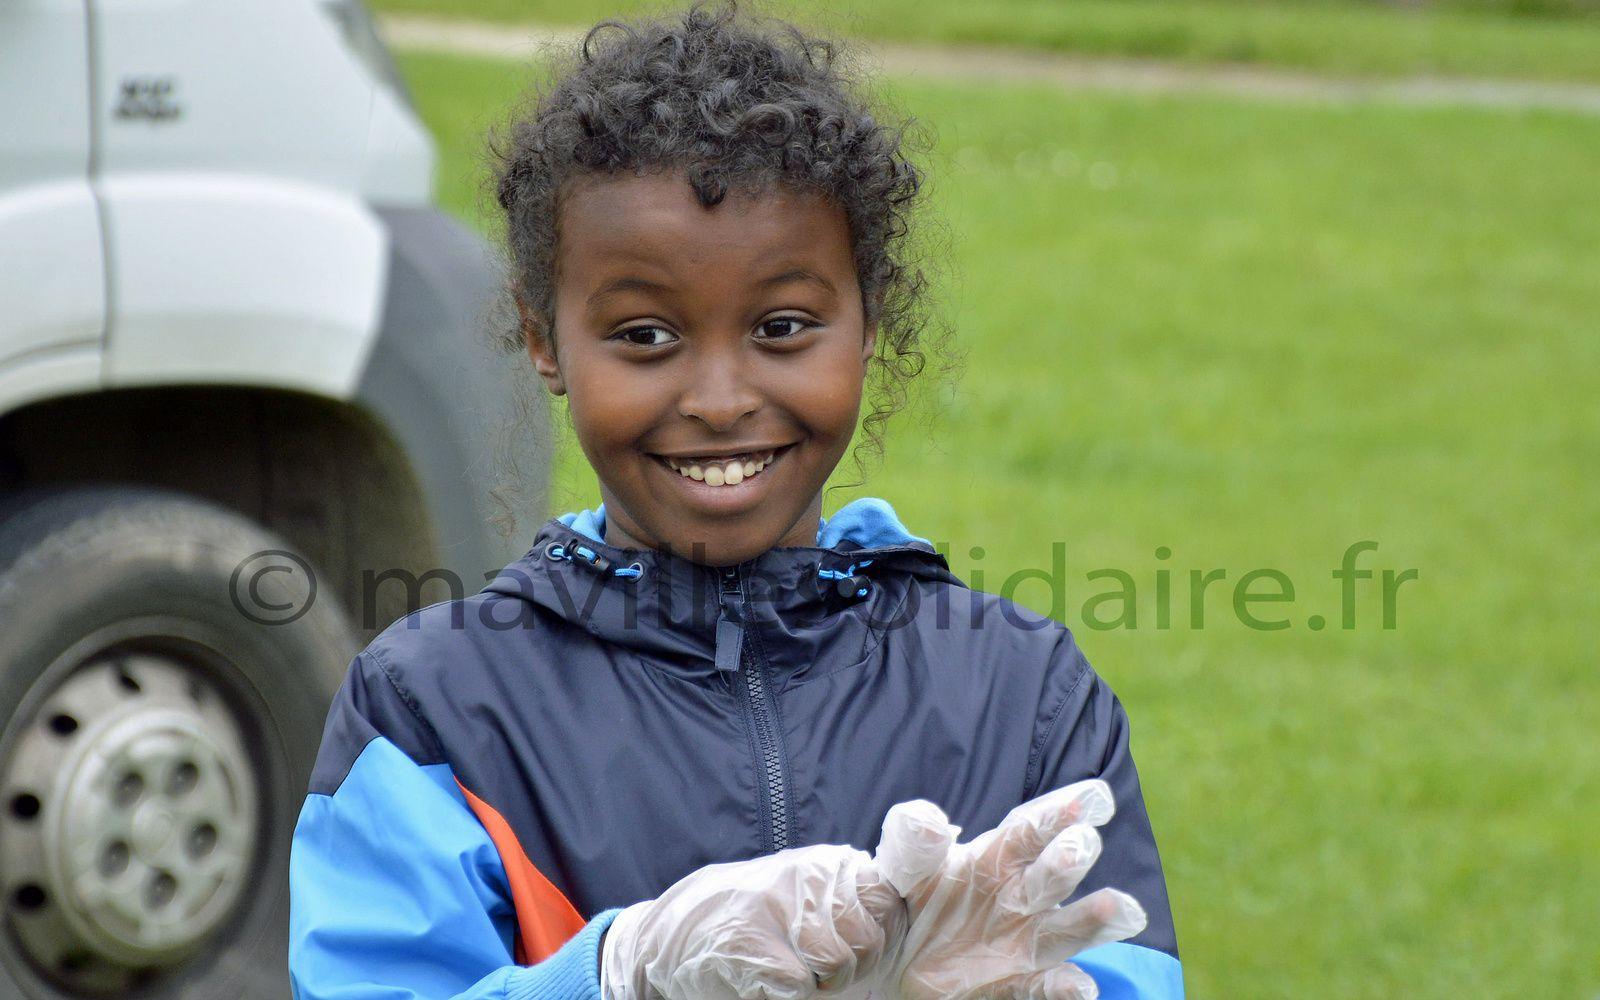 La Roche-sur-Yon. Propreté de la ville, les enfants montrent l'exemple.